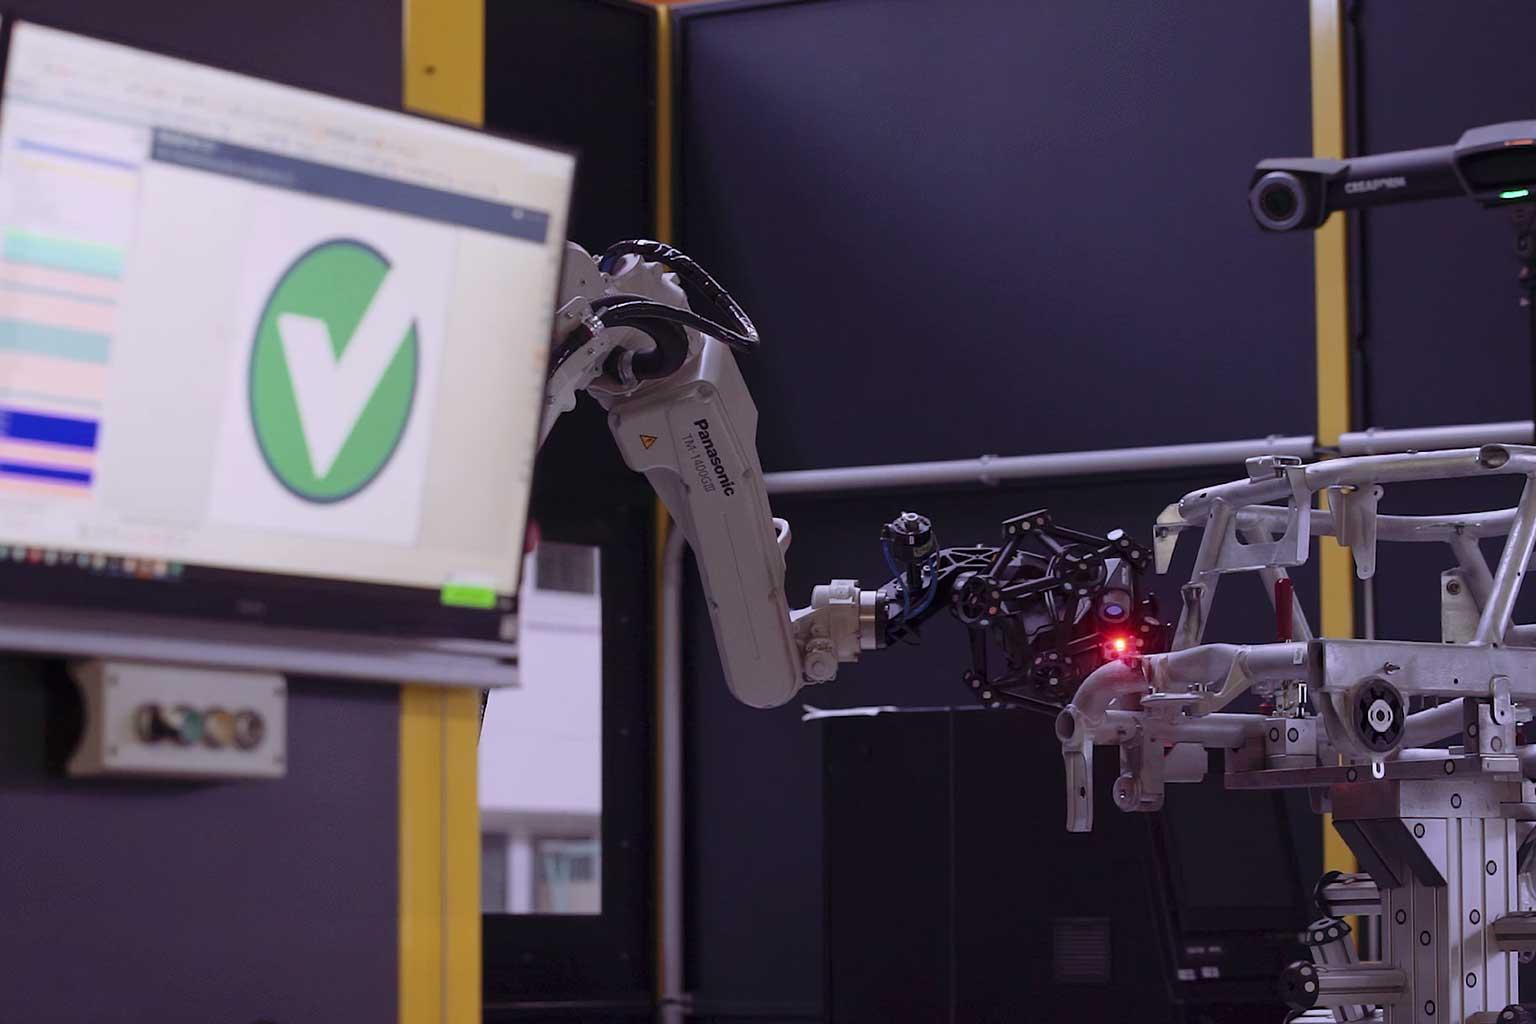 MetraSCAN montato su robot R-Series che esegue la scansione di un complesso assemblaggio tubolare accanto allo schermo del computer con un segno di spunta verde